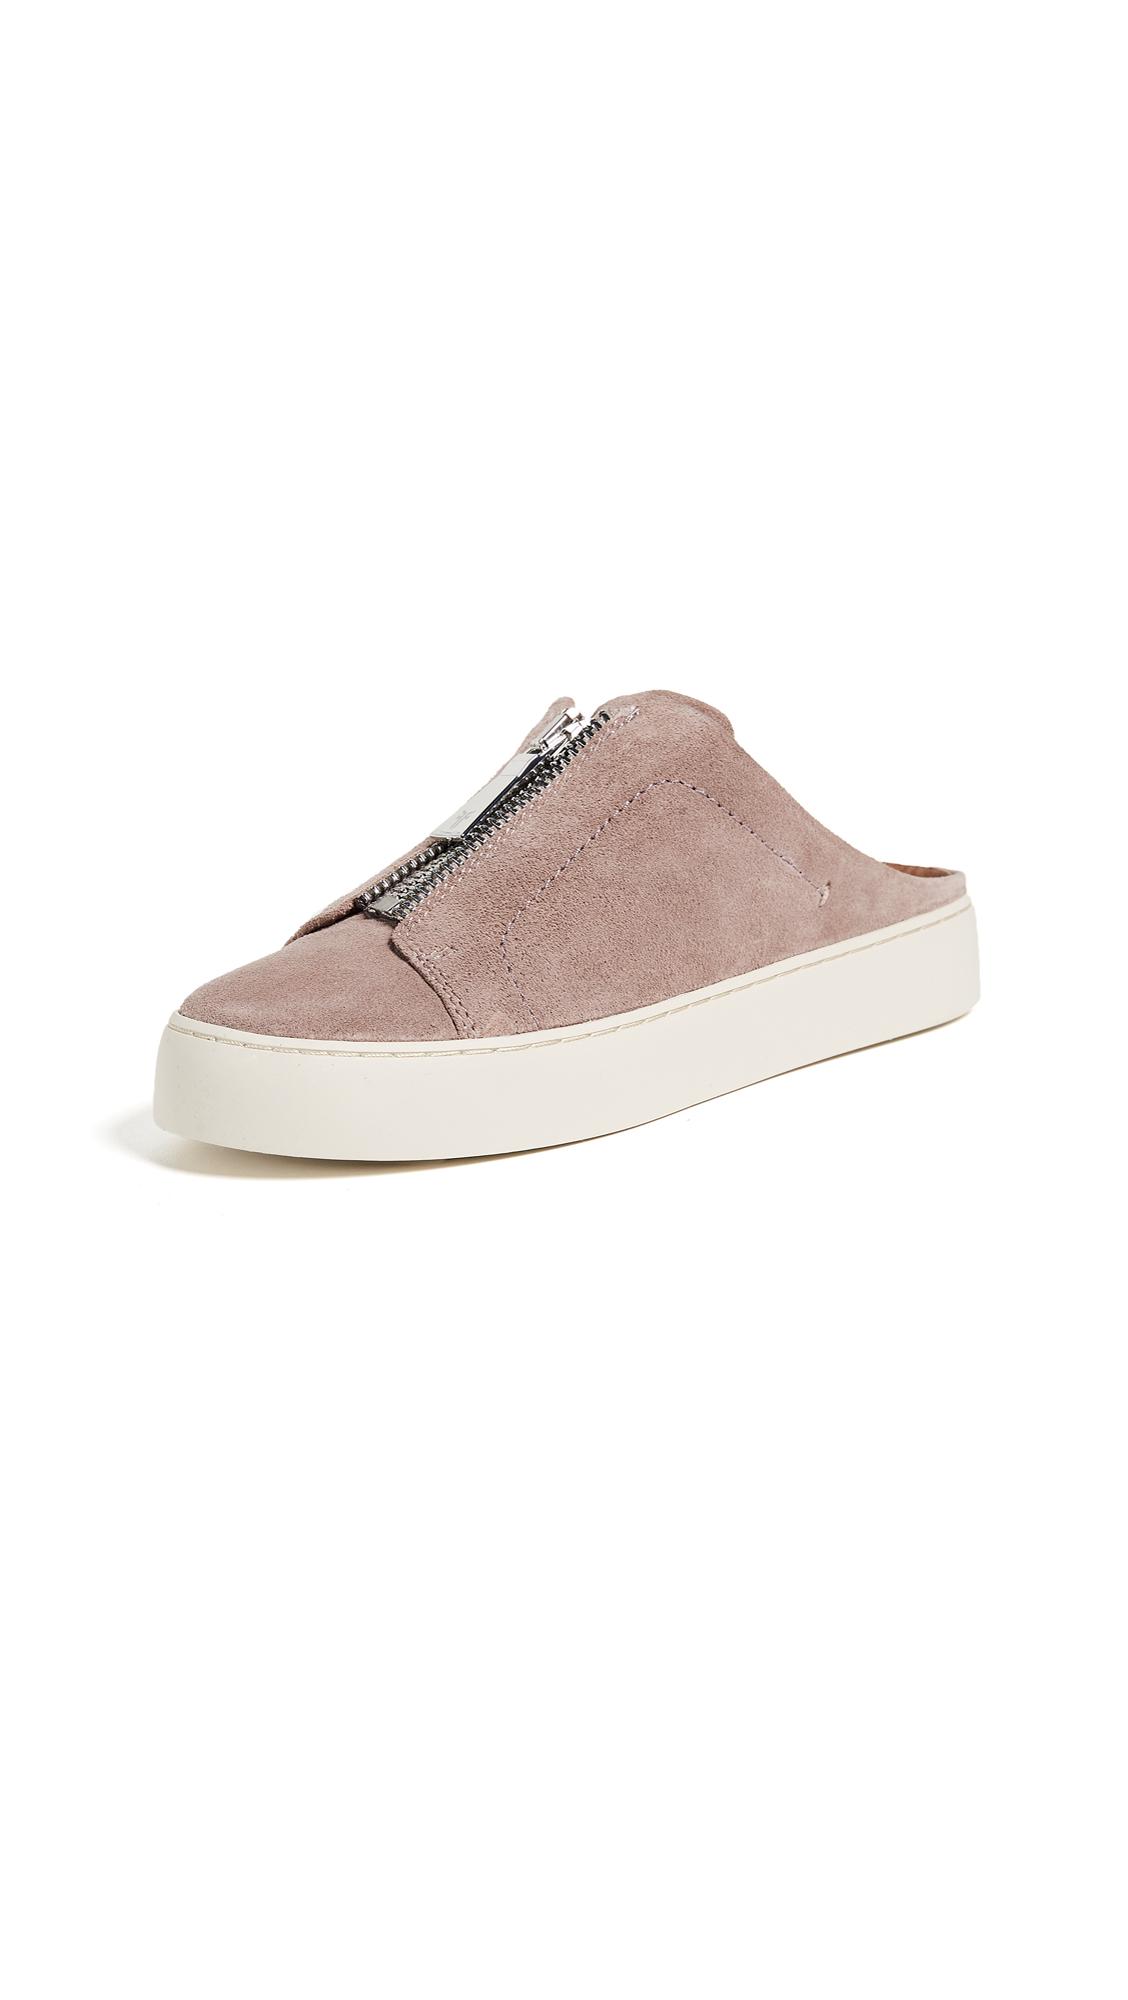 0e9f15b7488 Frye Lena Zip Mule Suede Sneakers In Dusty Rose